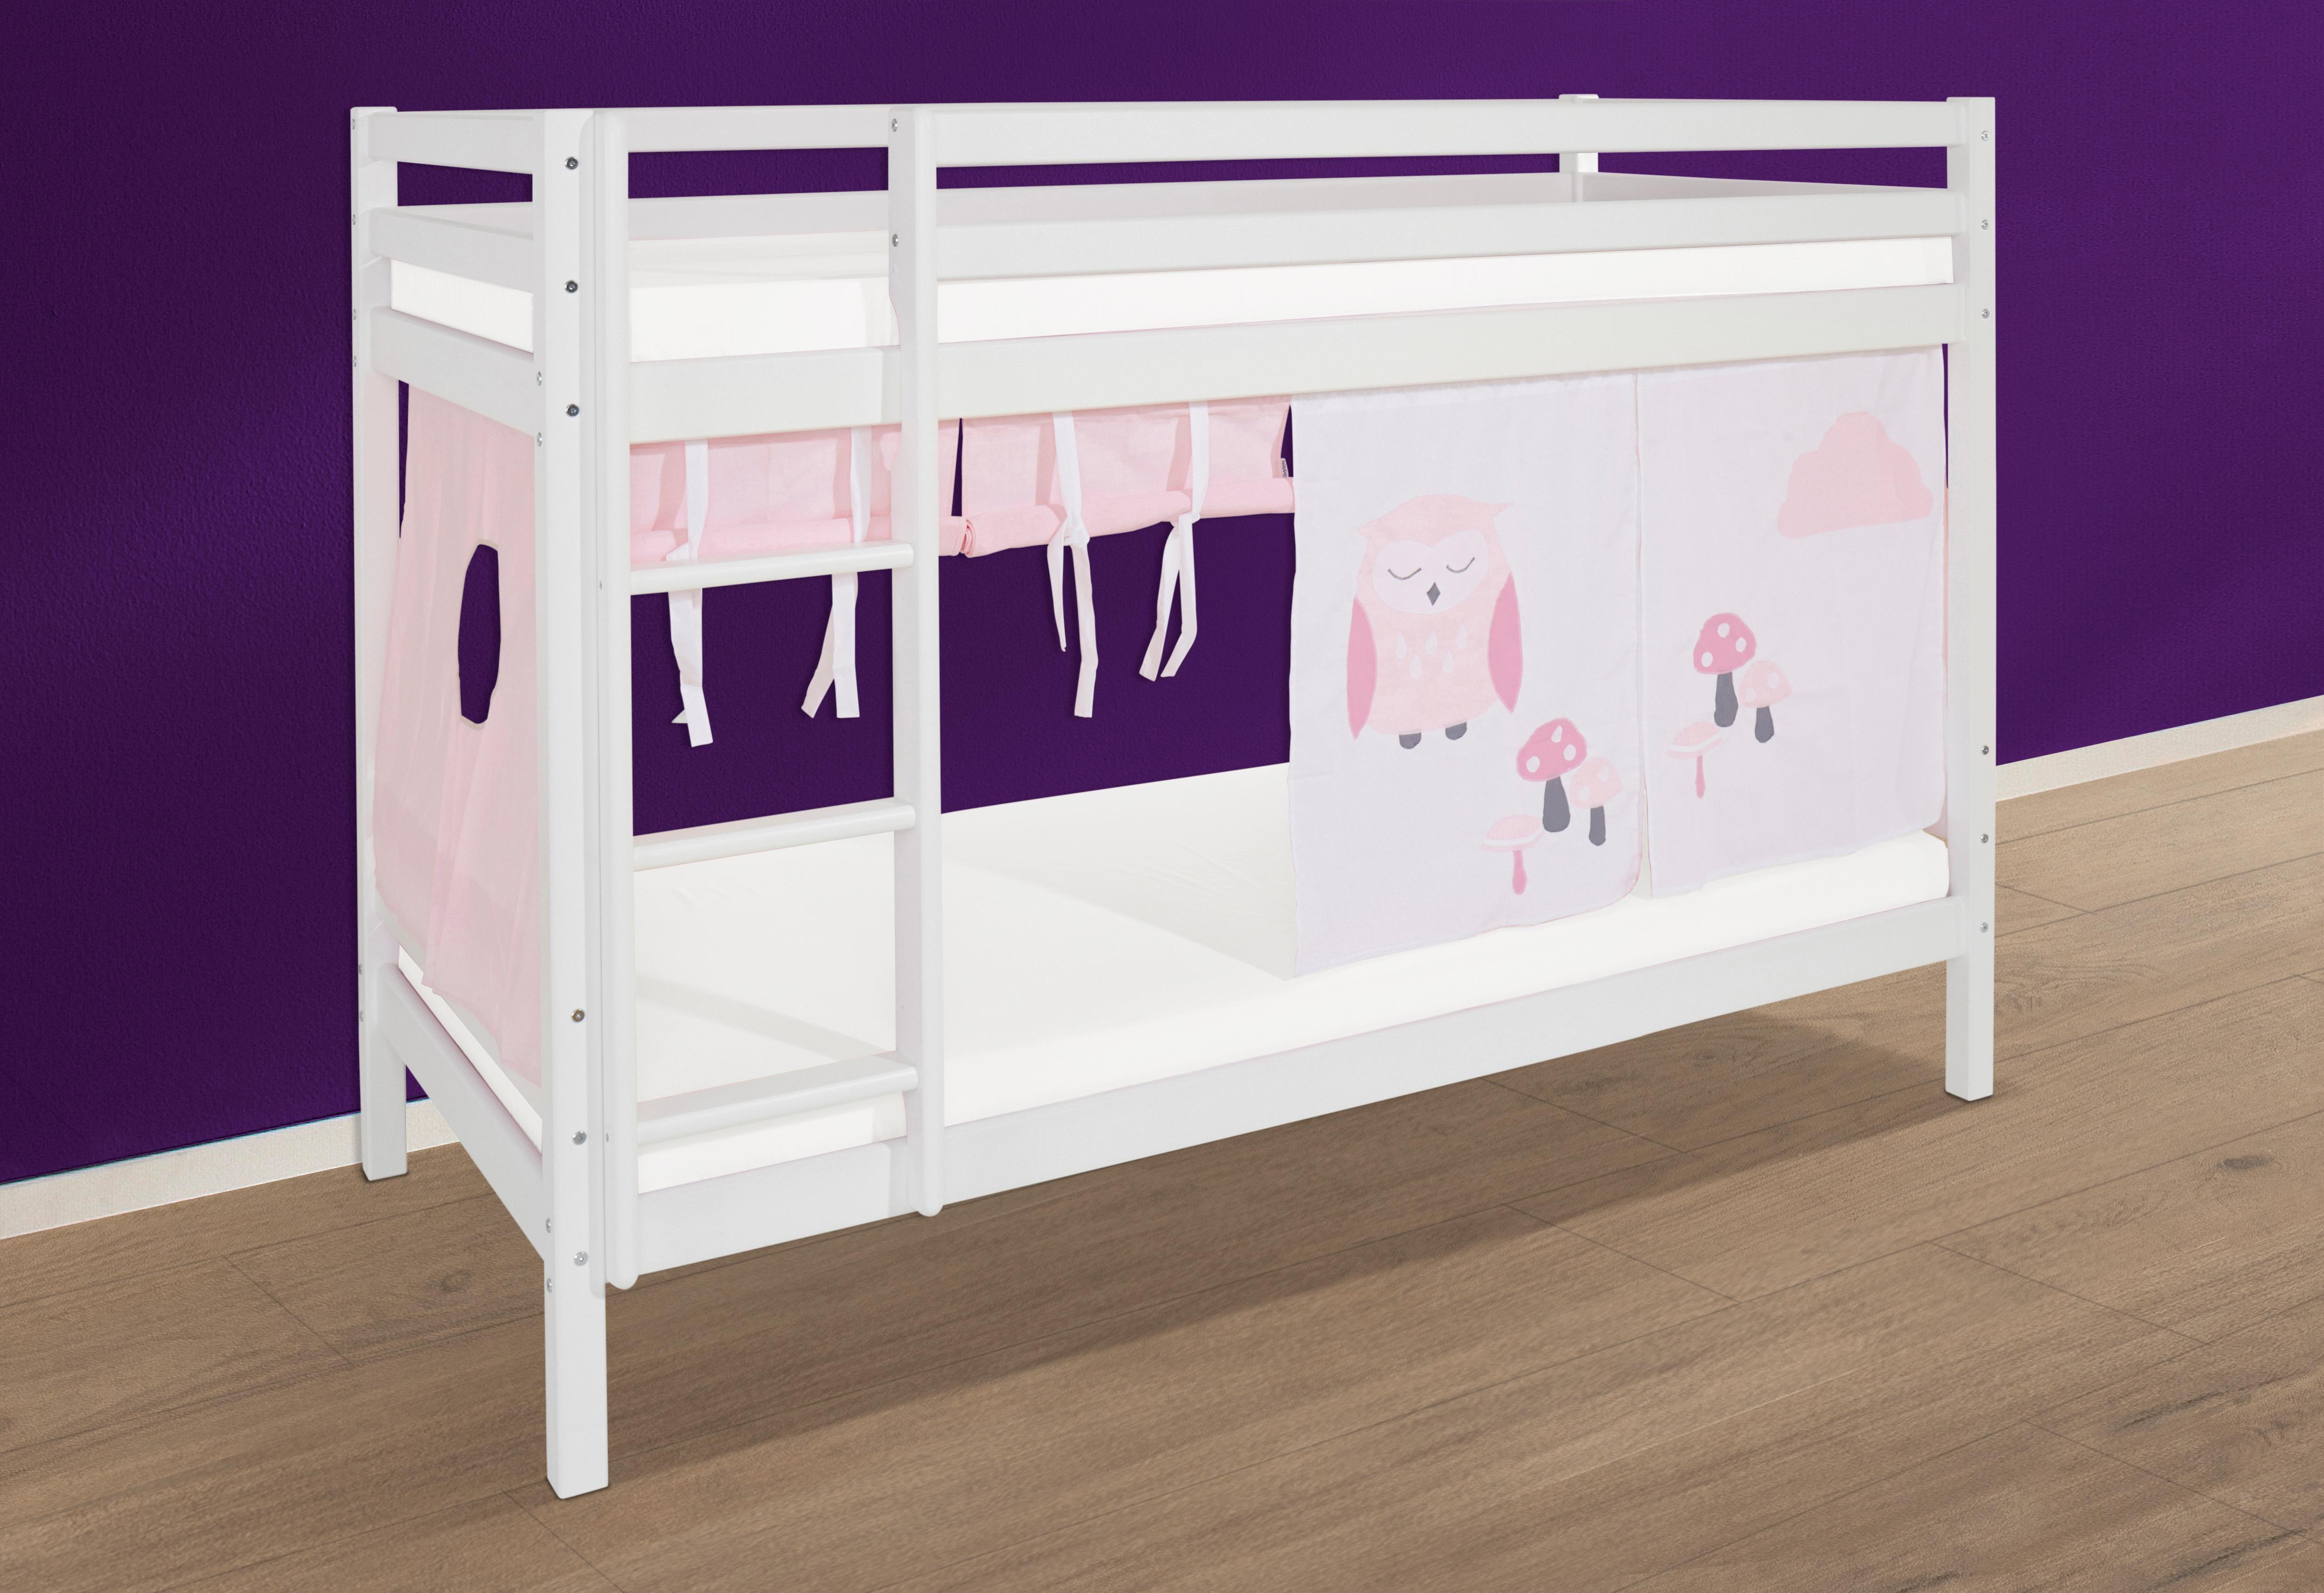 Etagenbett Weiß Mit Bettkasten : Etagenbett luna kinder doppelstockbett mit treppe und bettkasten